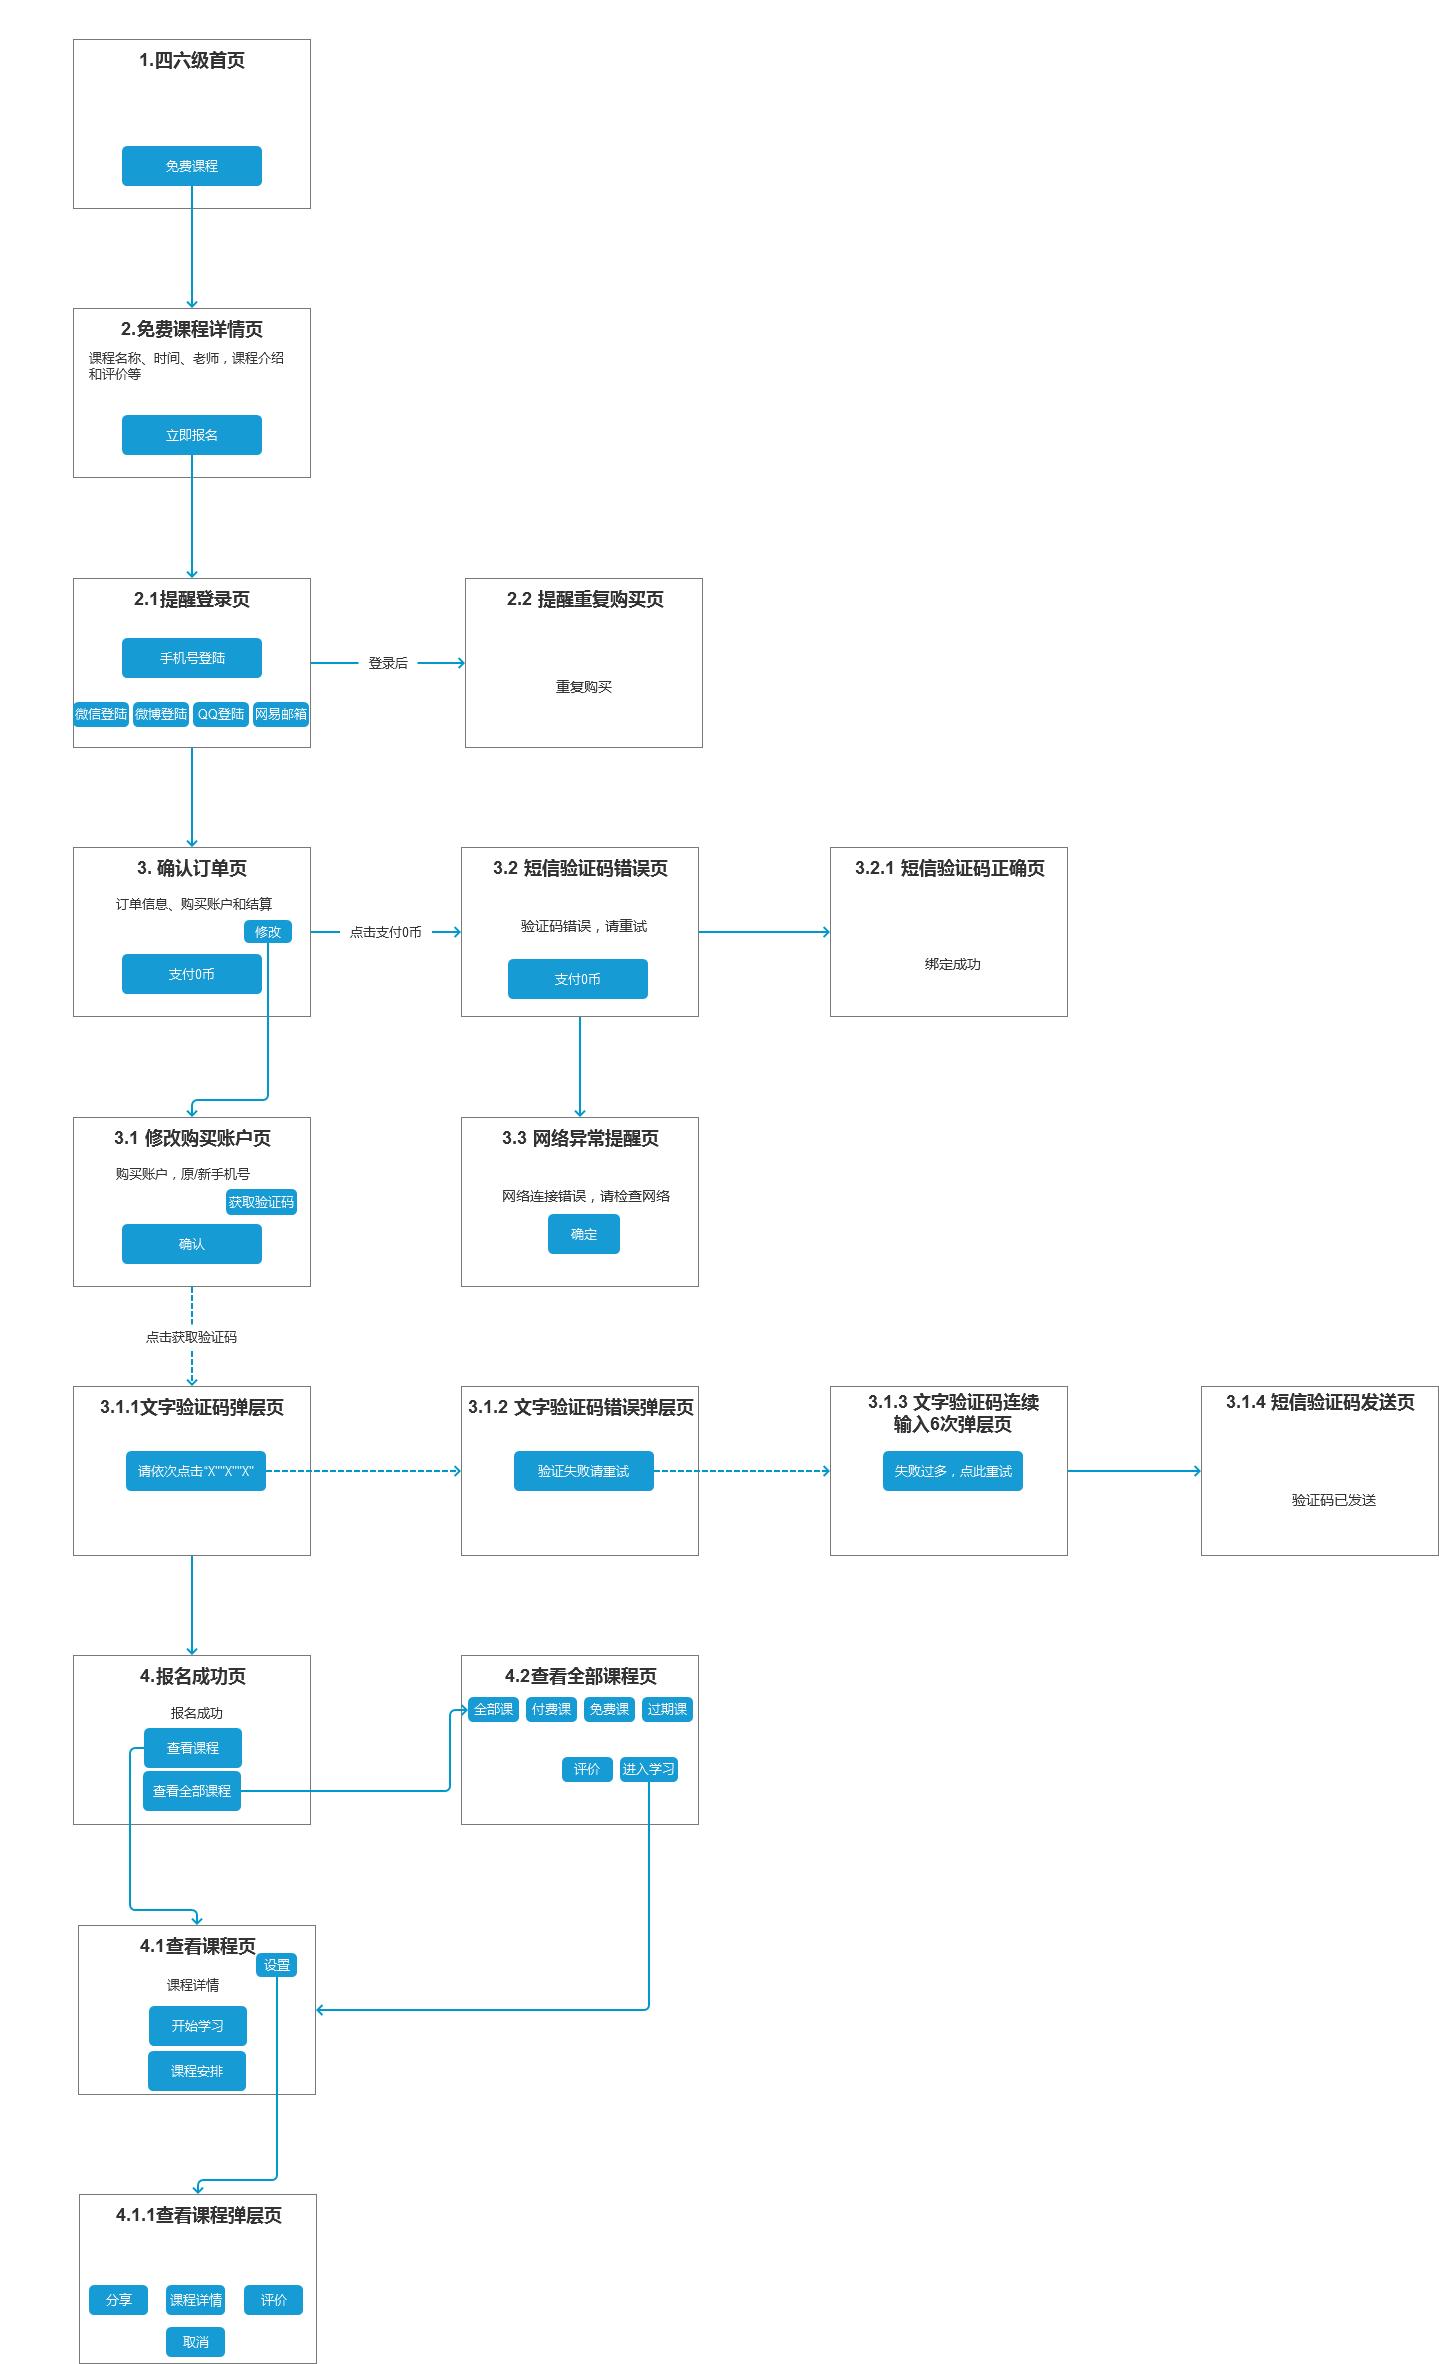 【app手机】绘制精品课:四六级课程类别流程图有道案例v手机广告设计与制作教程图片